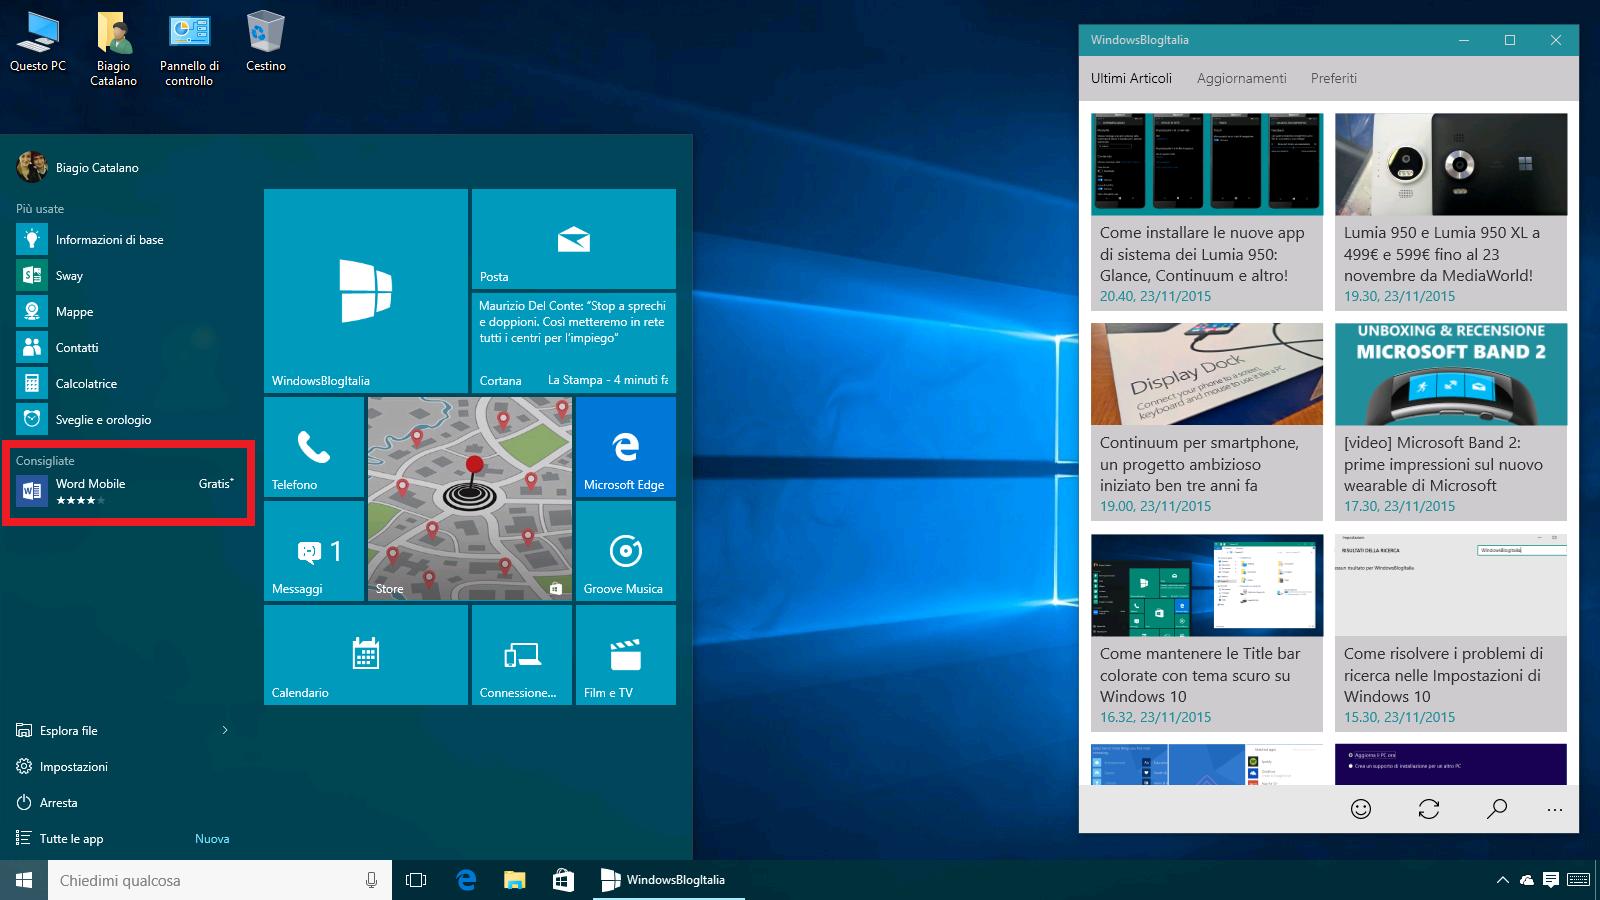 App consigliate Windows 10